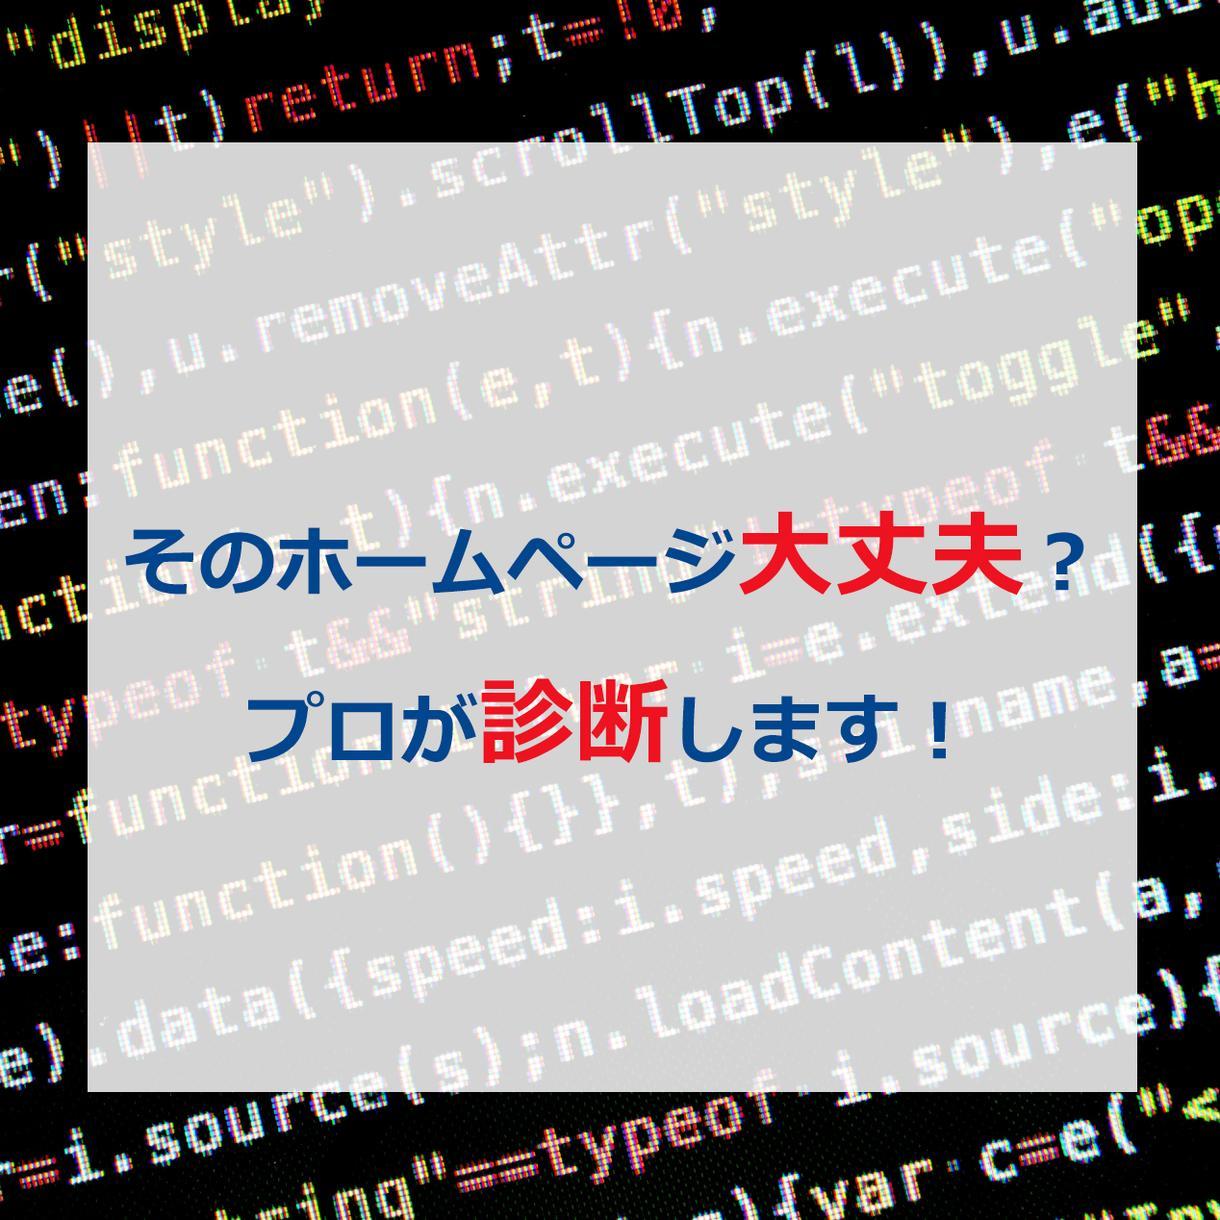 ホームページの品質チェックを行います 現役Web制作のプロが納品前に品質チェックを行います。